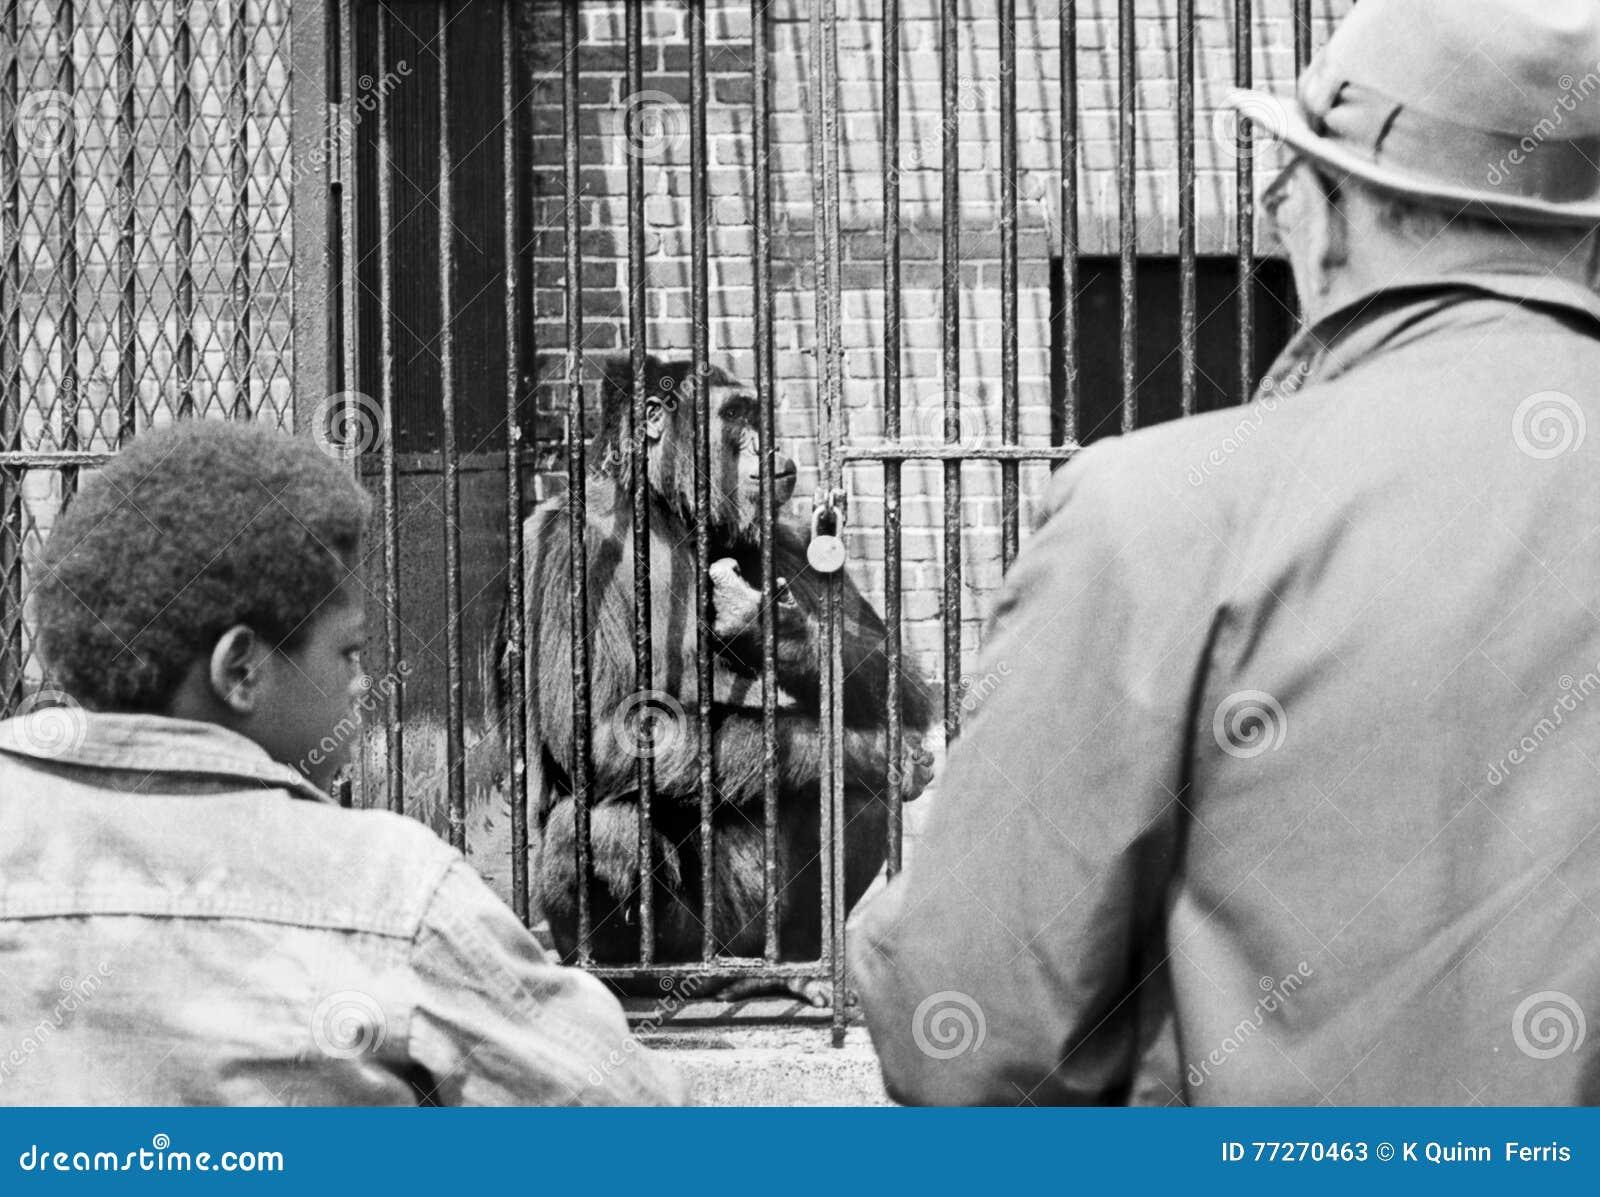 Gorilla in Zoo in 1972